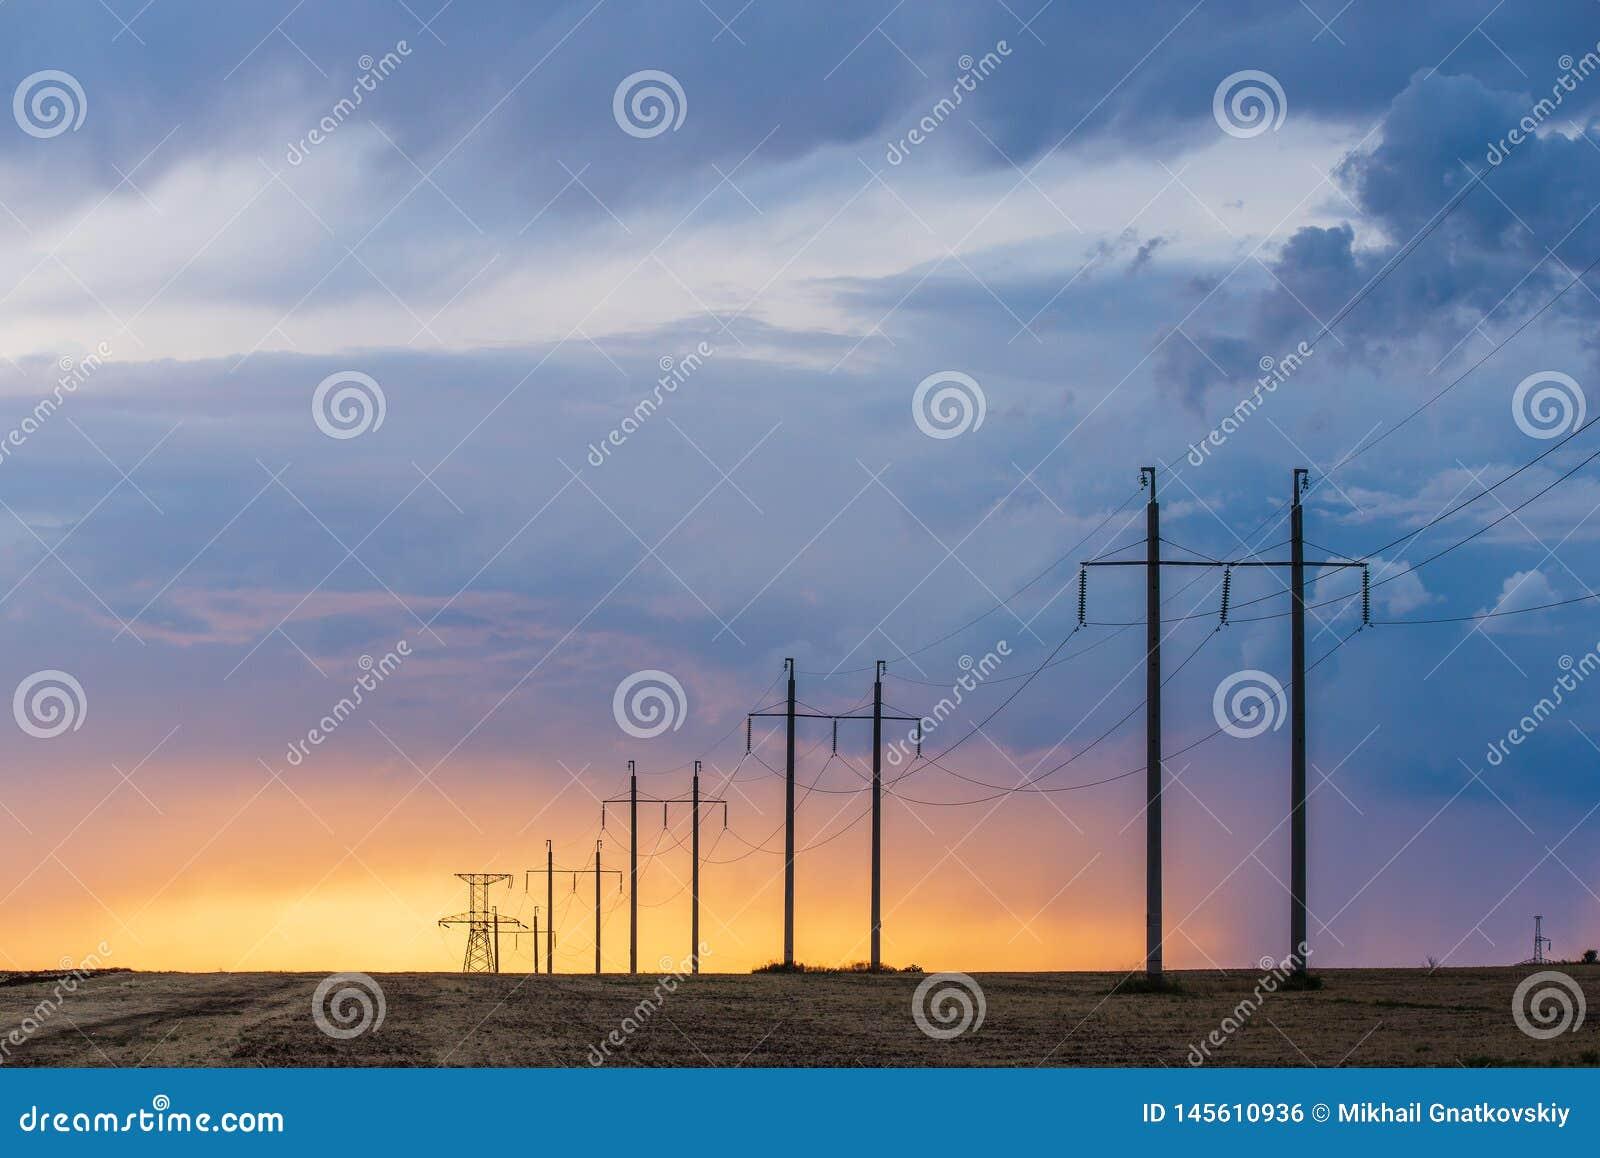 Сельский ландшафт с линией высокого напряжения на заходе солнца